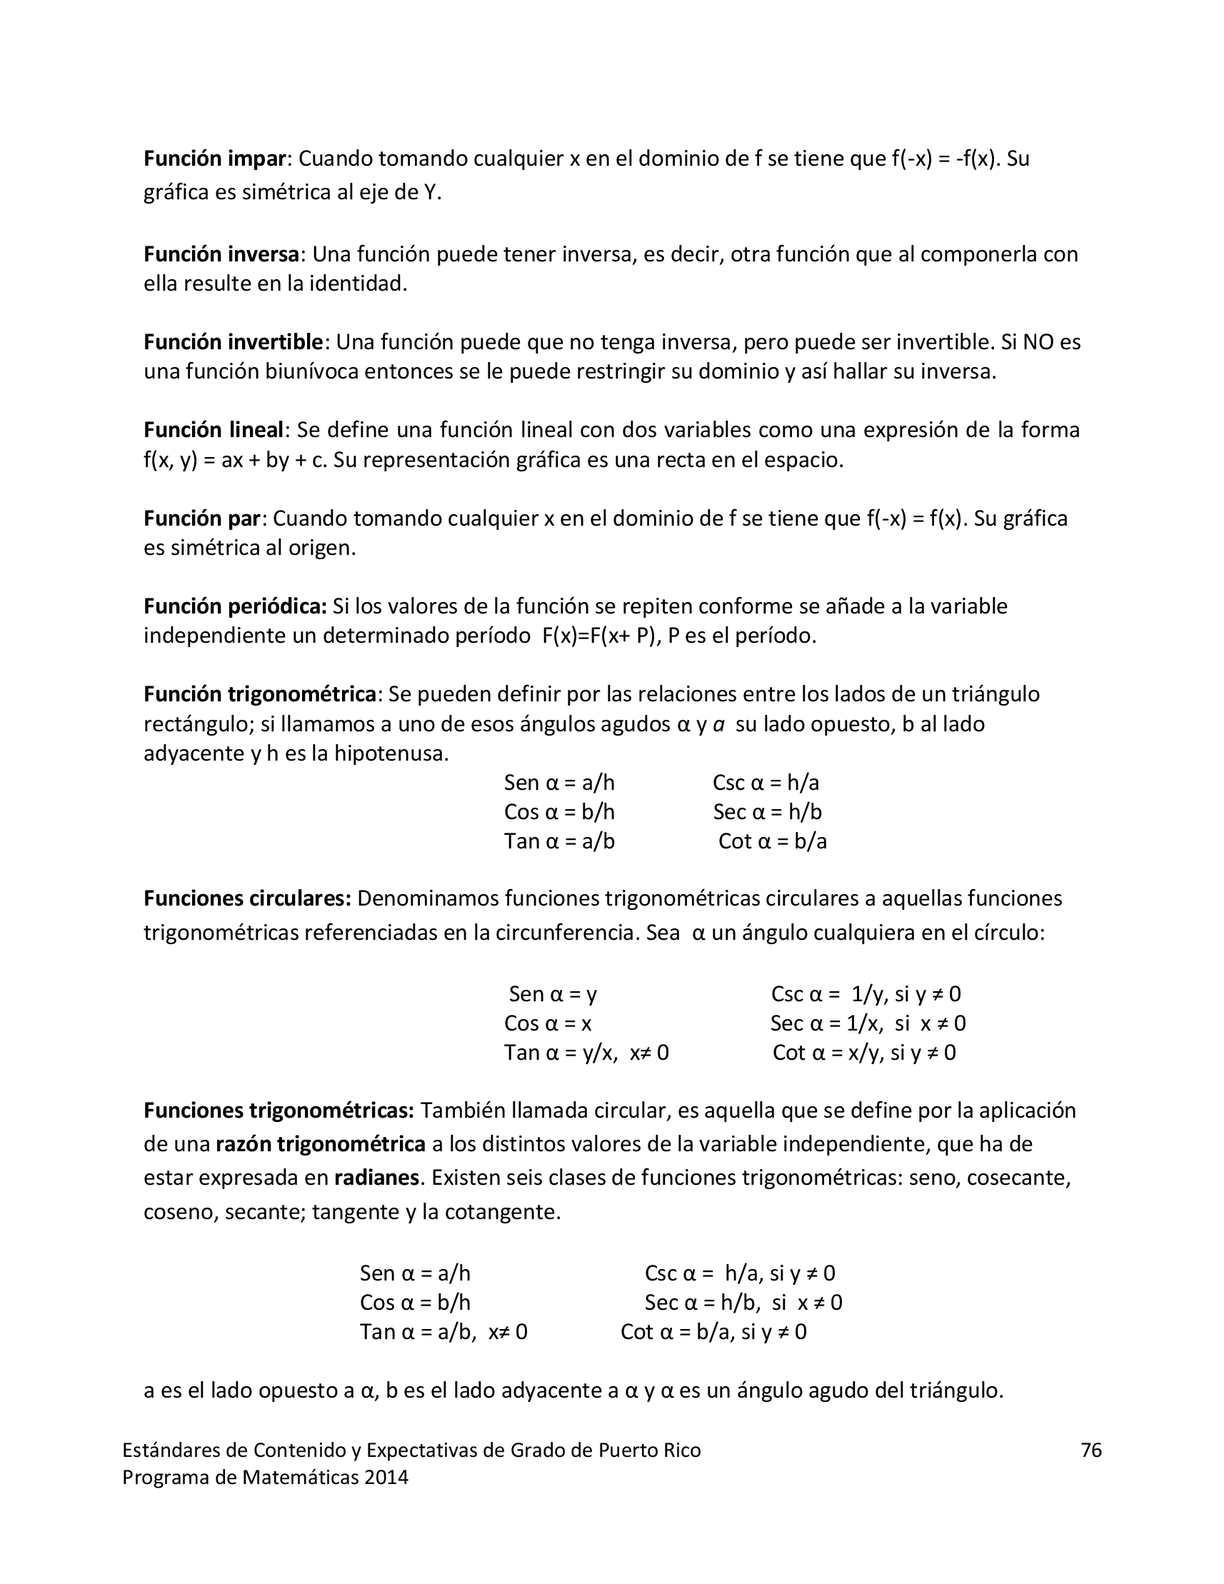 Estándares de Matemáticas - CALAMEO Downloader